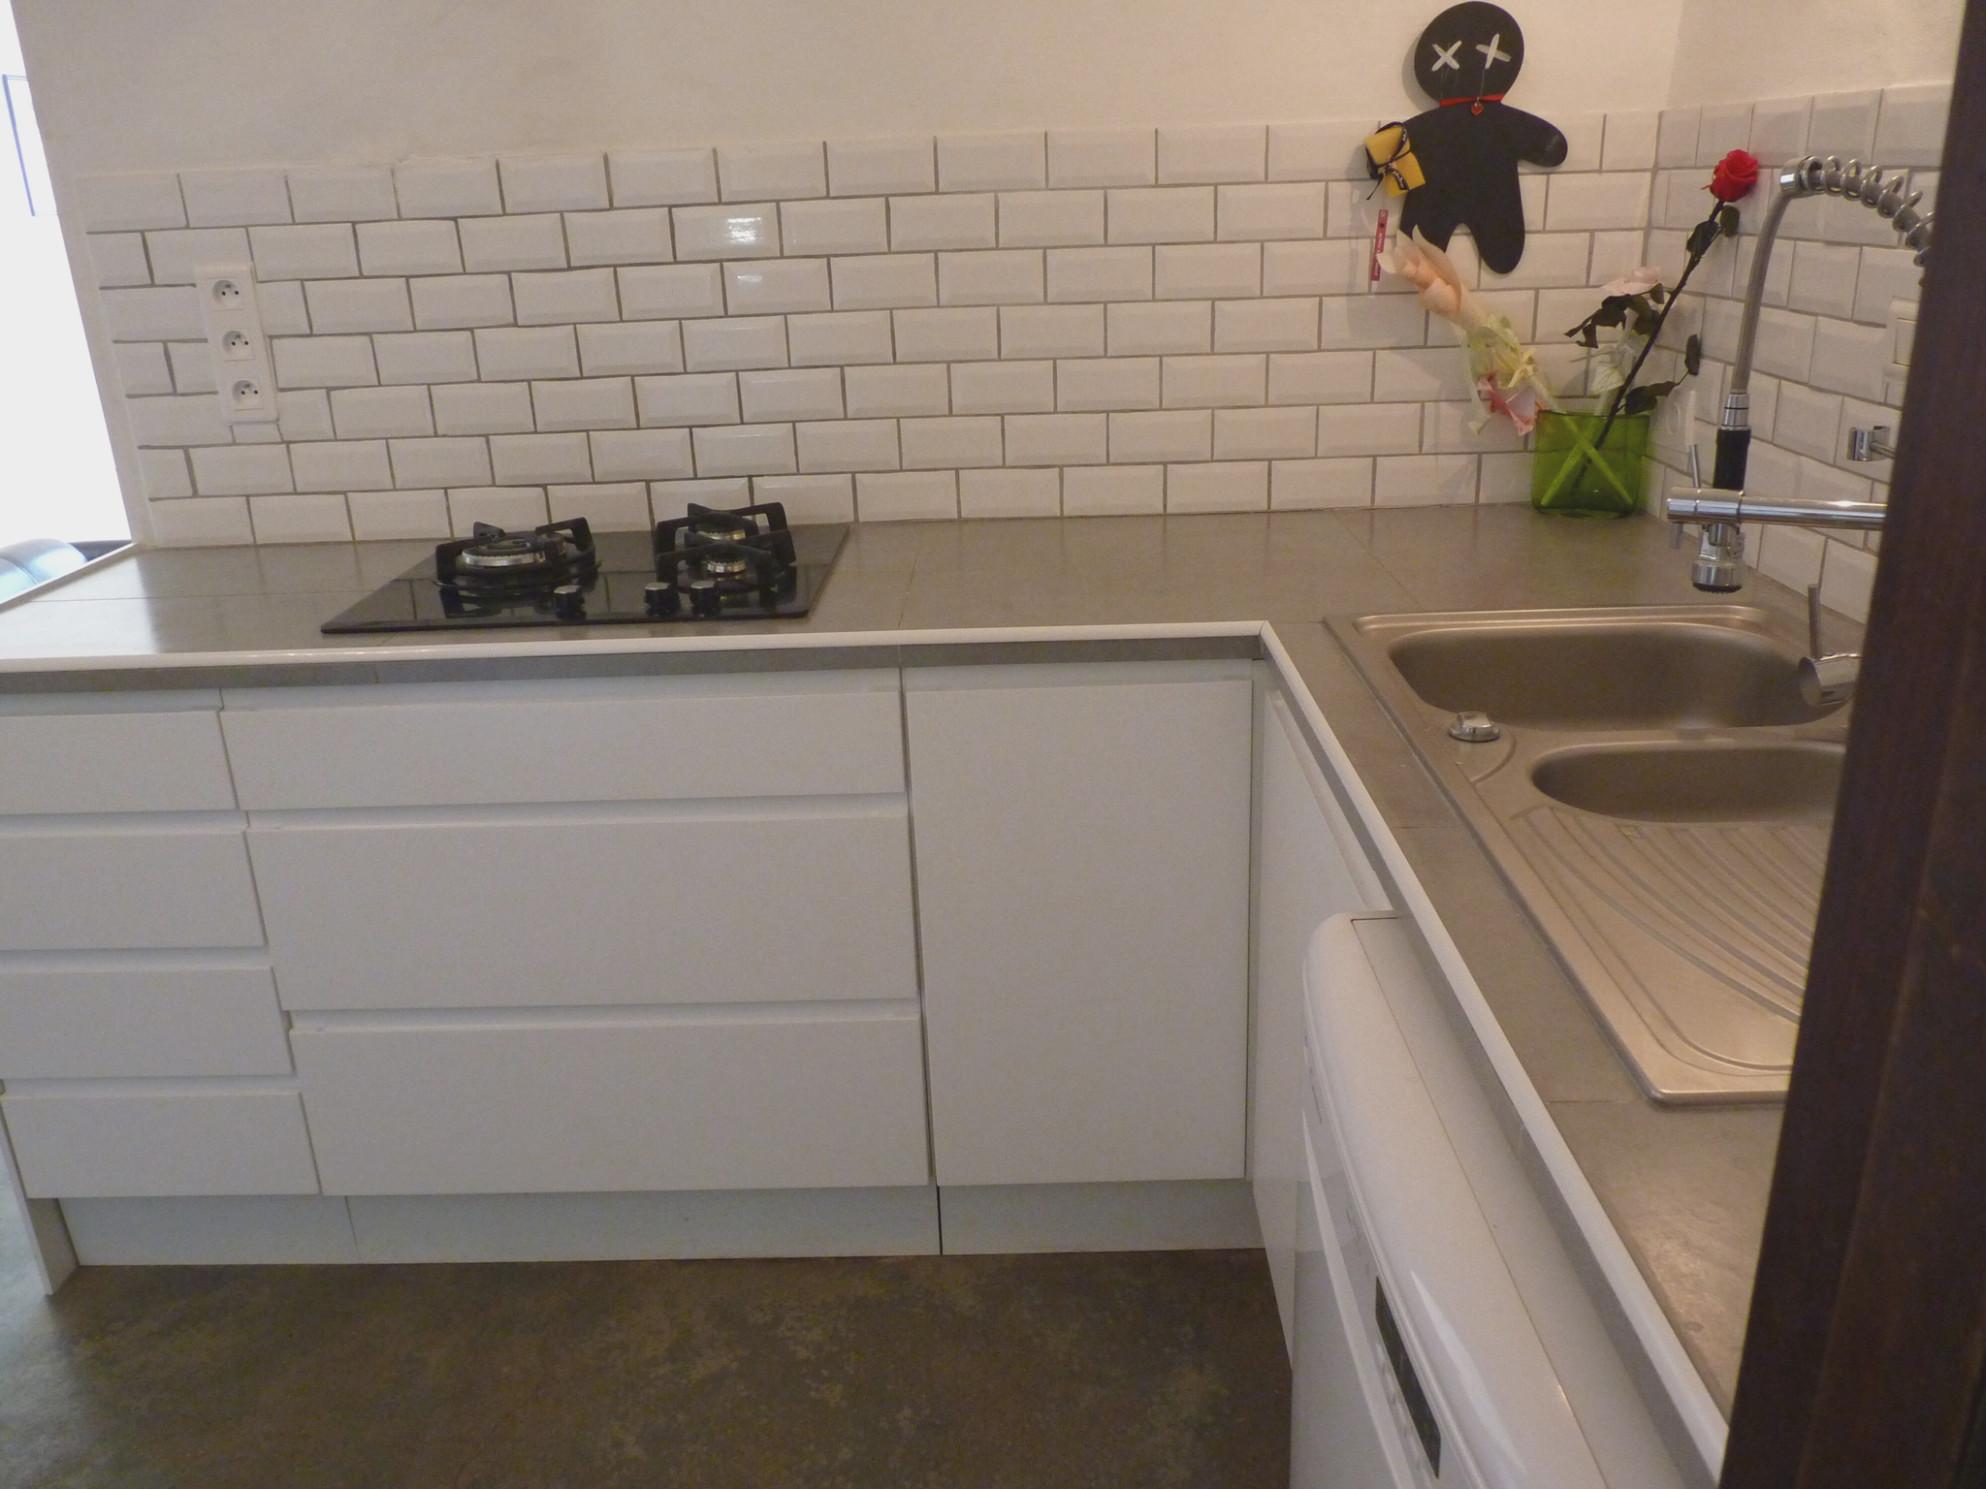 plan de travail granit cuisinella lille maison. Black Bedroom Furniture Sets. Home Design Ideas